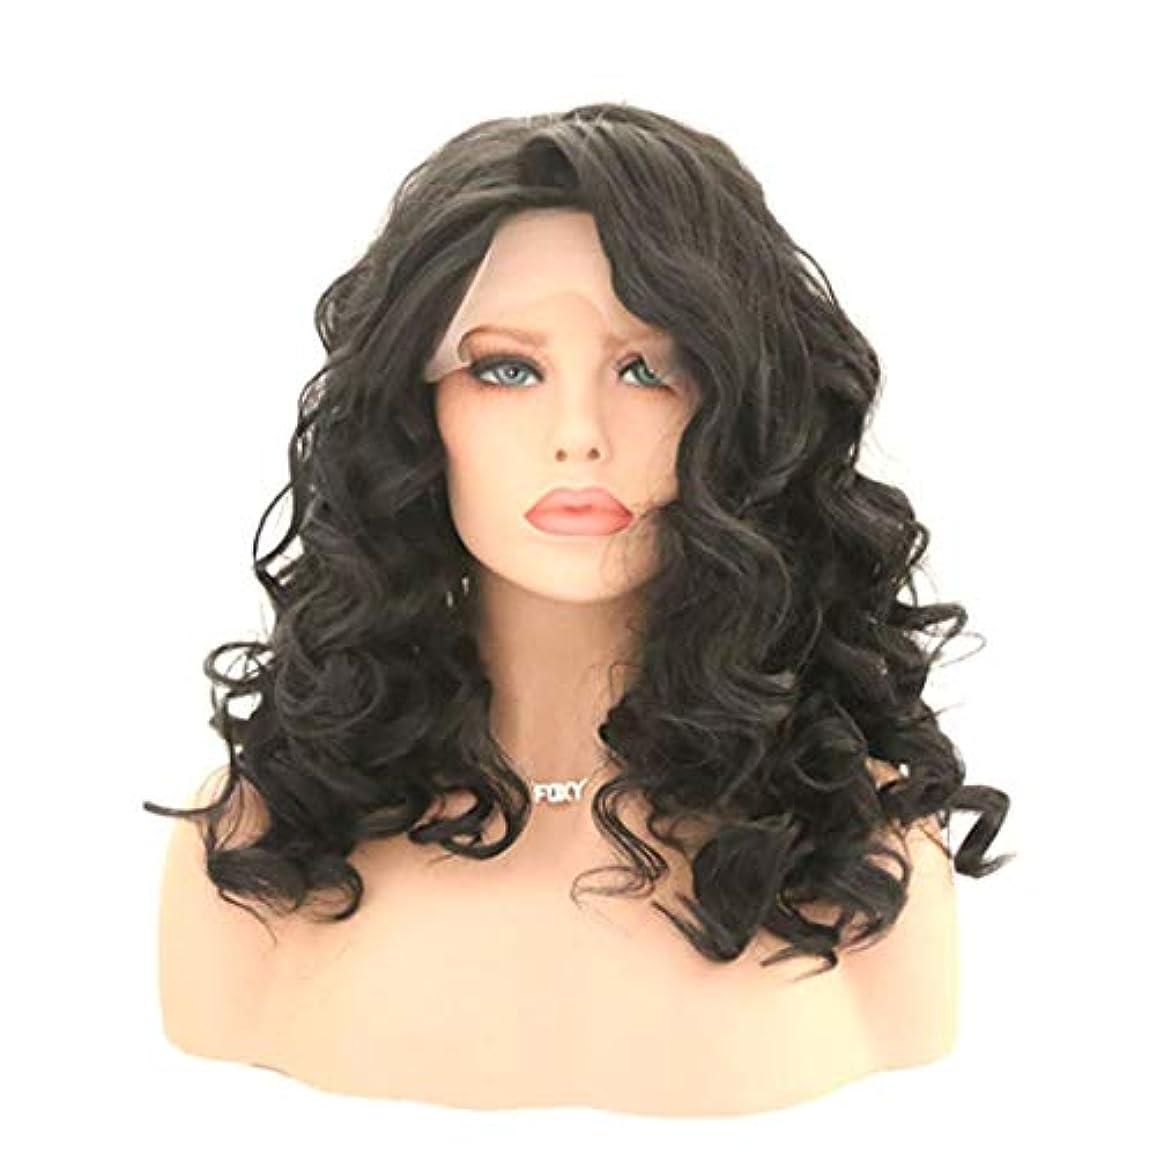 予防接種待つ厳しいKerwinner 女性のためのカーリー波状かつら前髪付きかつら人工毛髪かつら自然なかつら (Size : 22 inches)